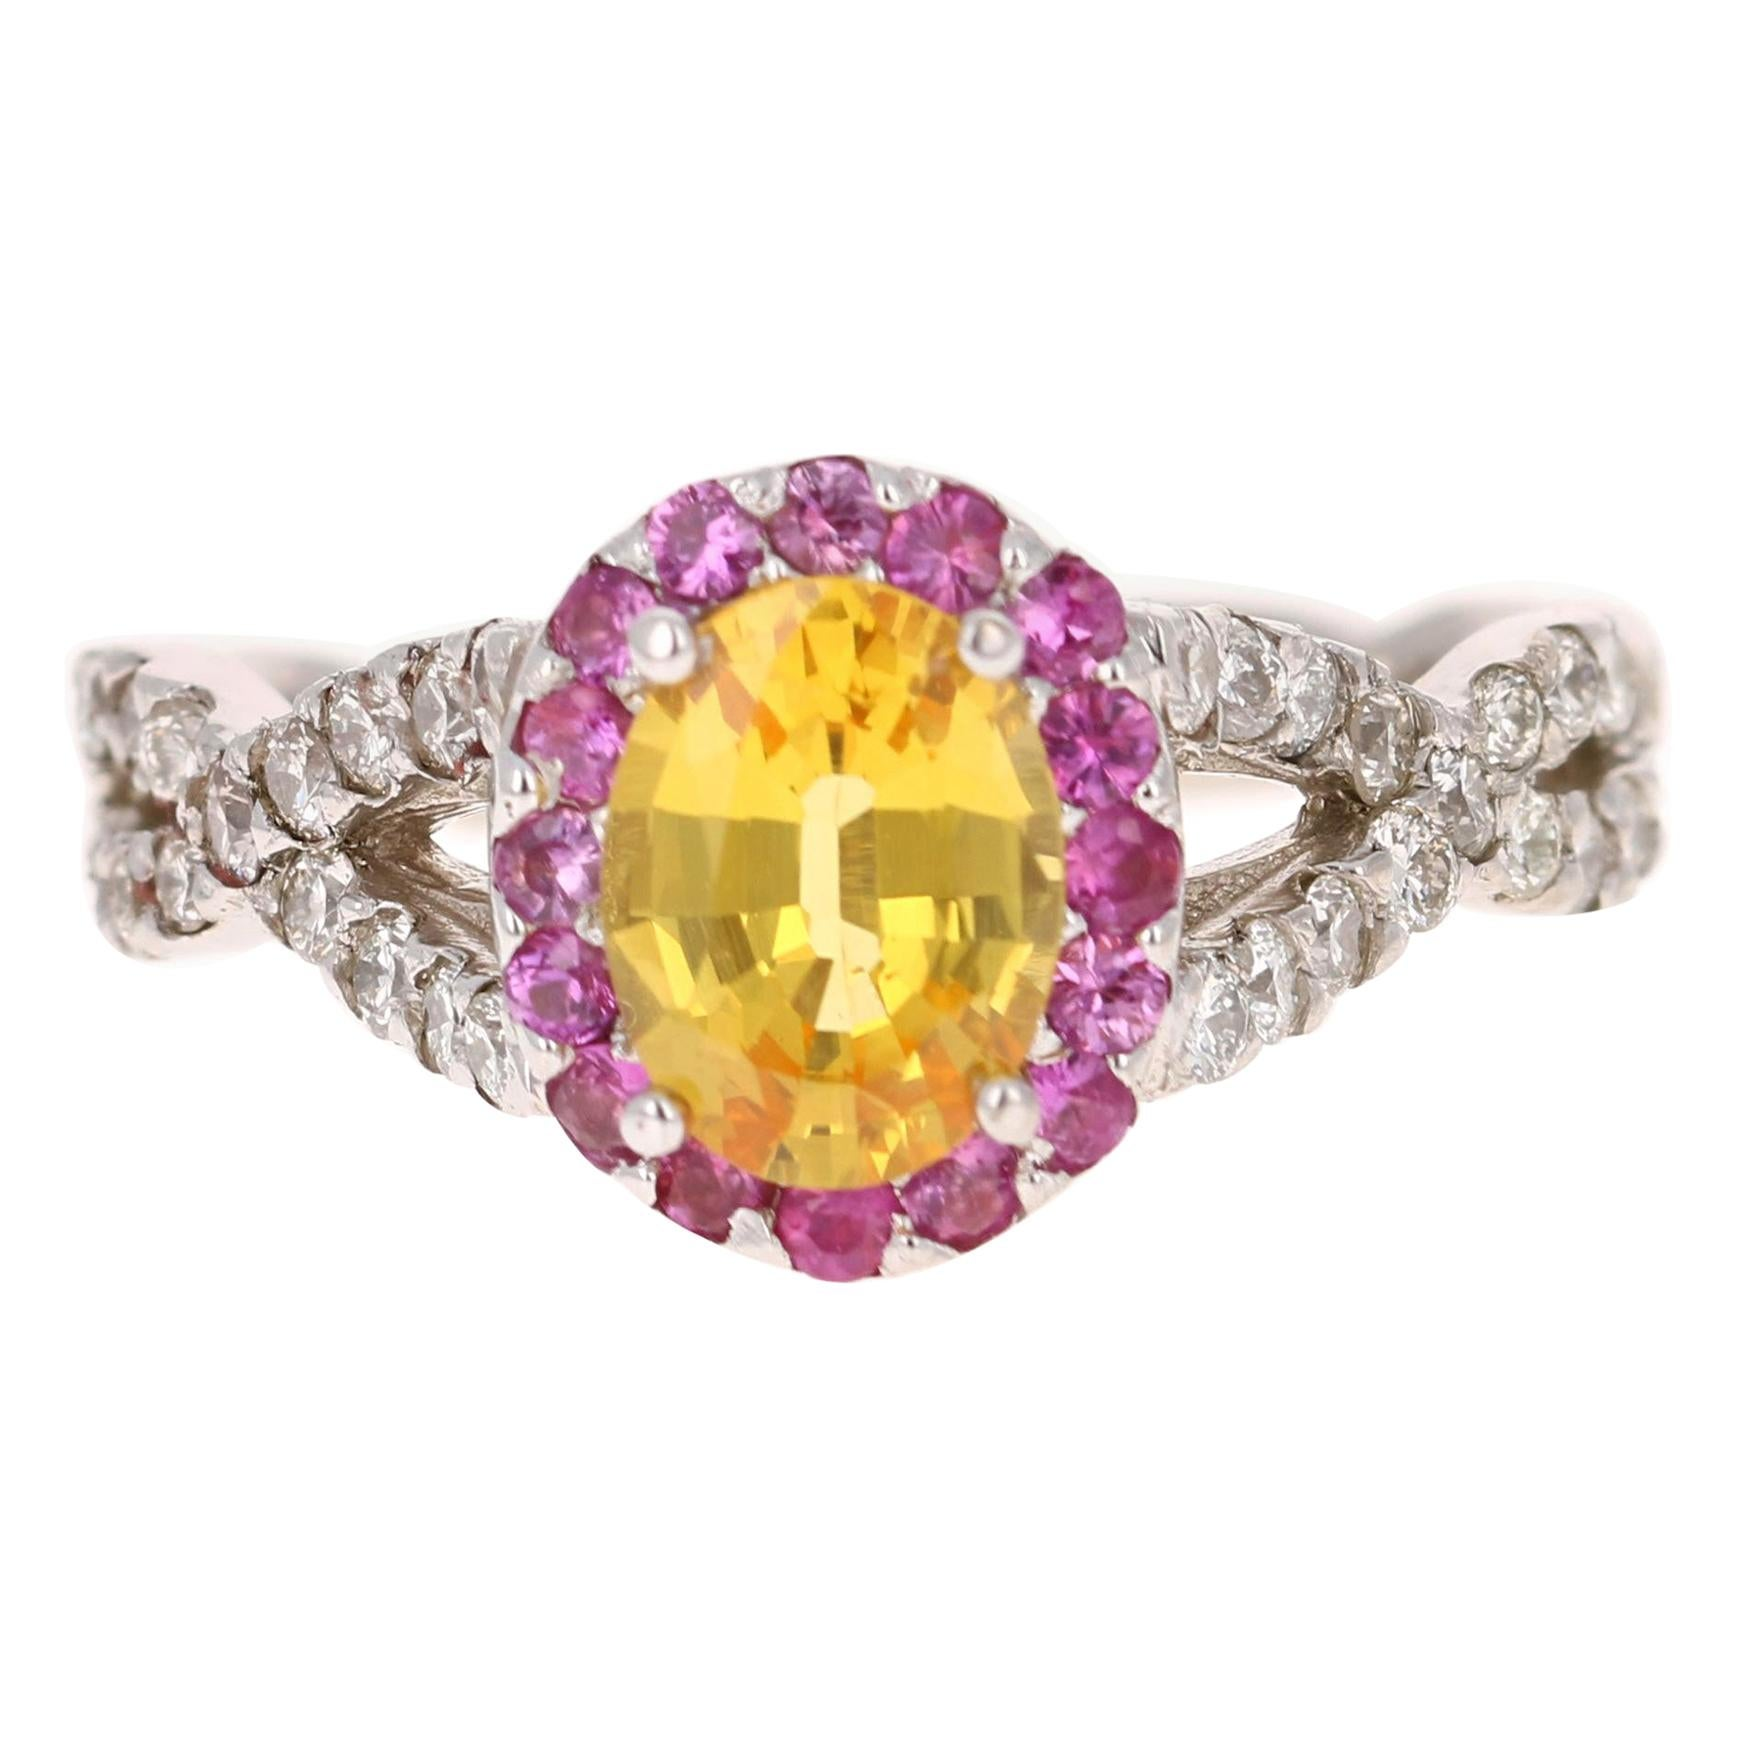 2.15 Carat Yellow Pink Sapphire Diamond 14 Karat White Gold Ring